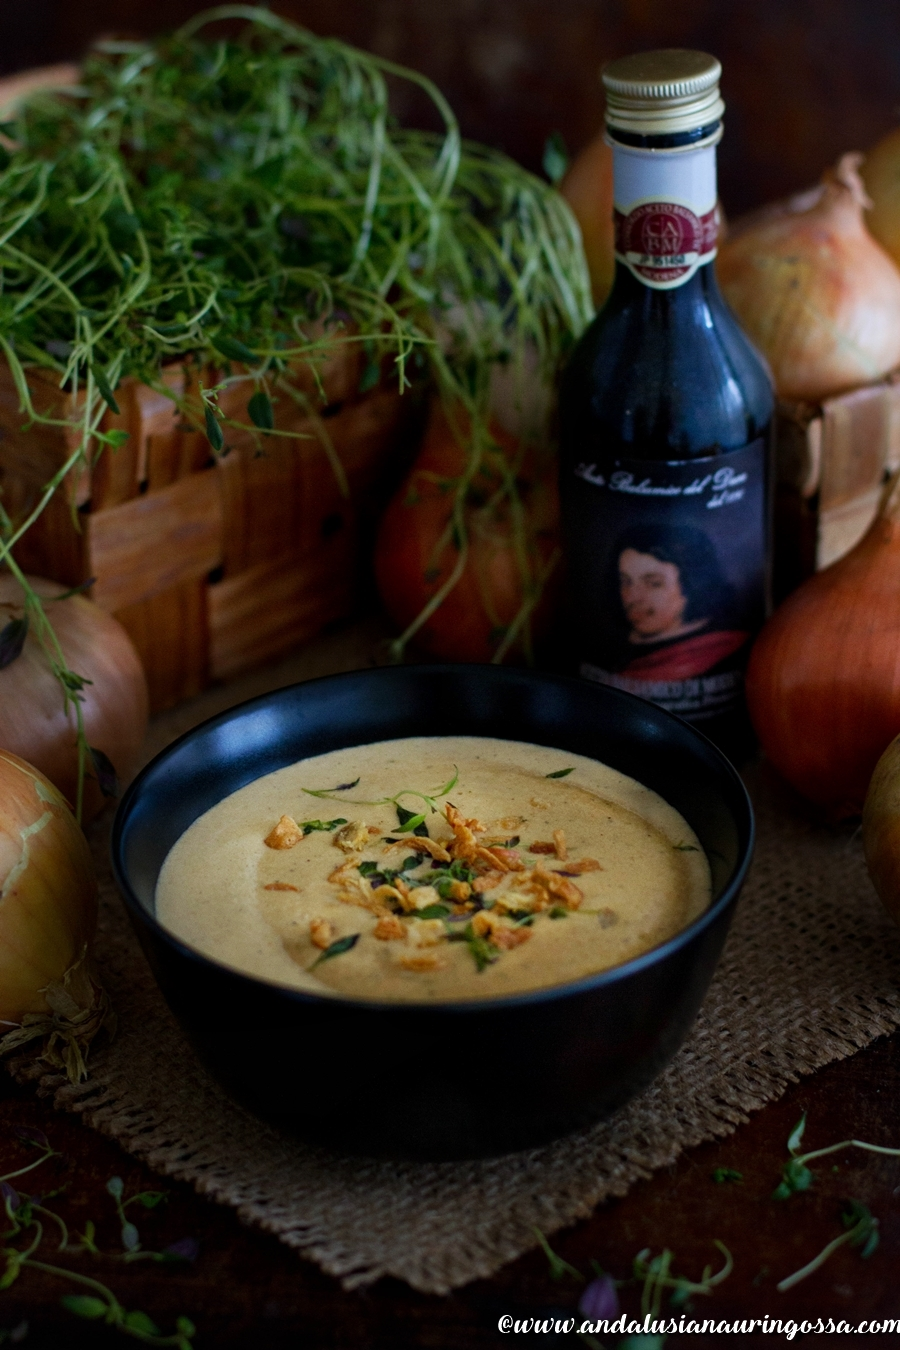 Andalusian auringossa_kermainen karamelisoitu sipulikeitto kastanjatahnalla_vegaani_gluteeniton